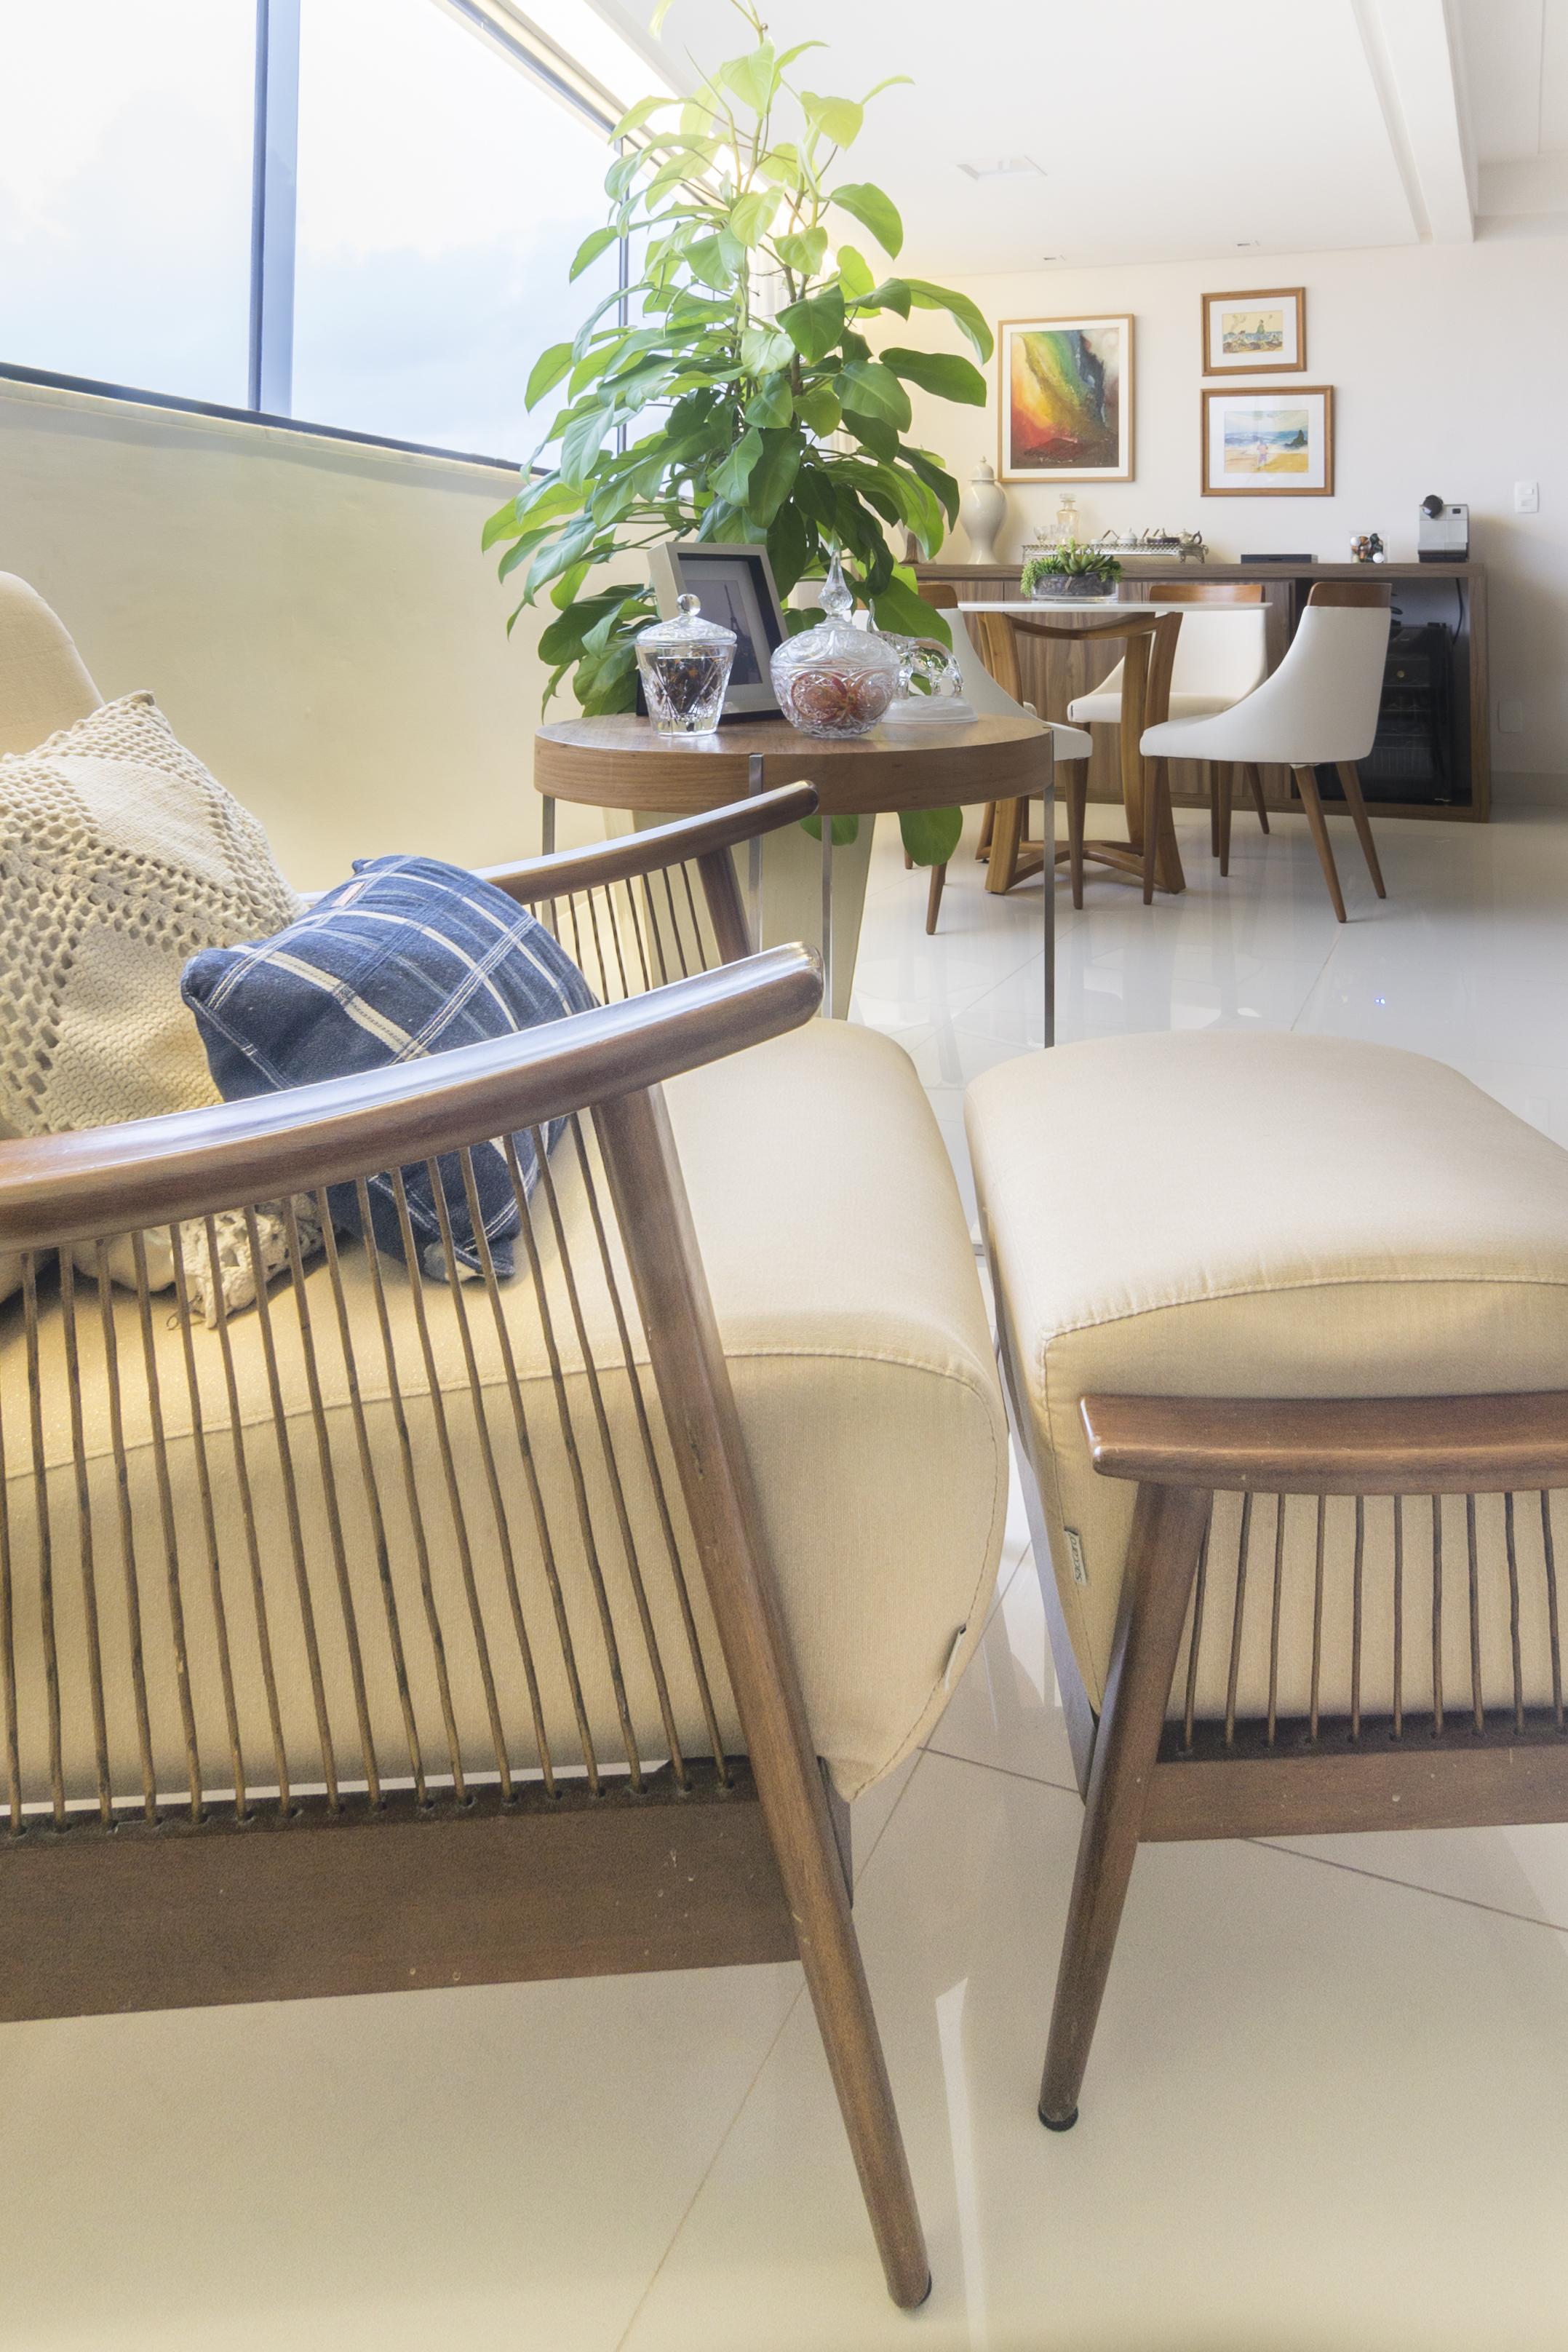 projeto-arquitetonico-luciananilton-duo-arquitetura-apartamentos-natal-08.jpg